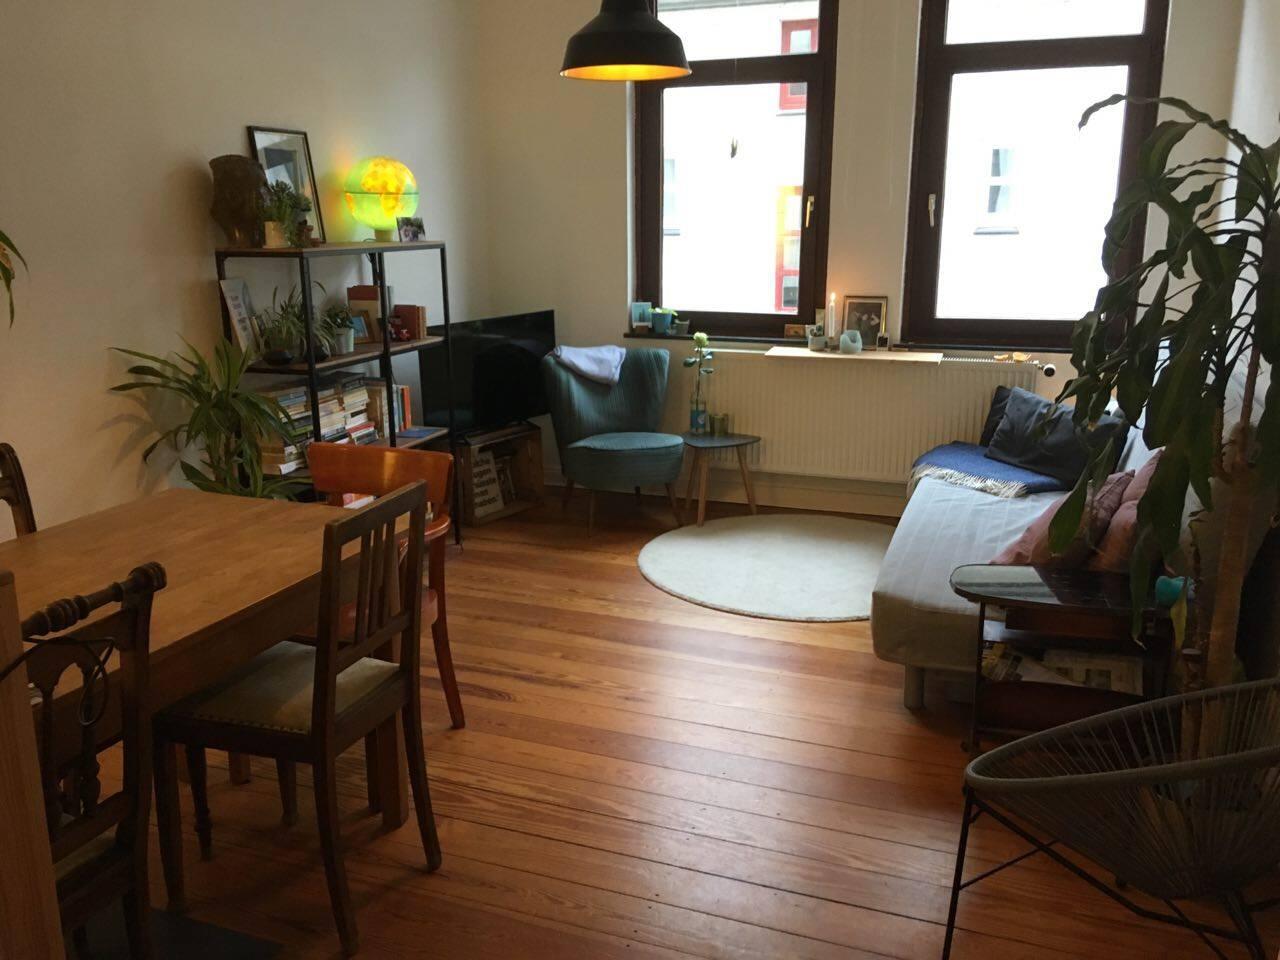 Das gemütliche Wohnzimmer zum Ausruhen und wohlfühlen. (Das Sofa dient als Schlafcouch für bis zu 2 Personen)